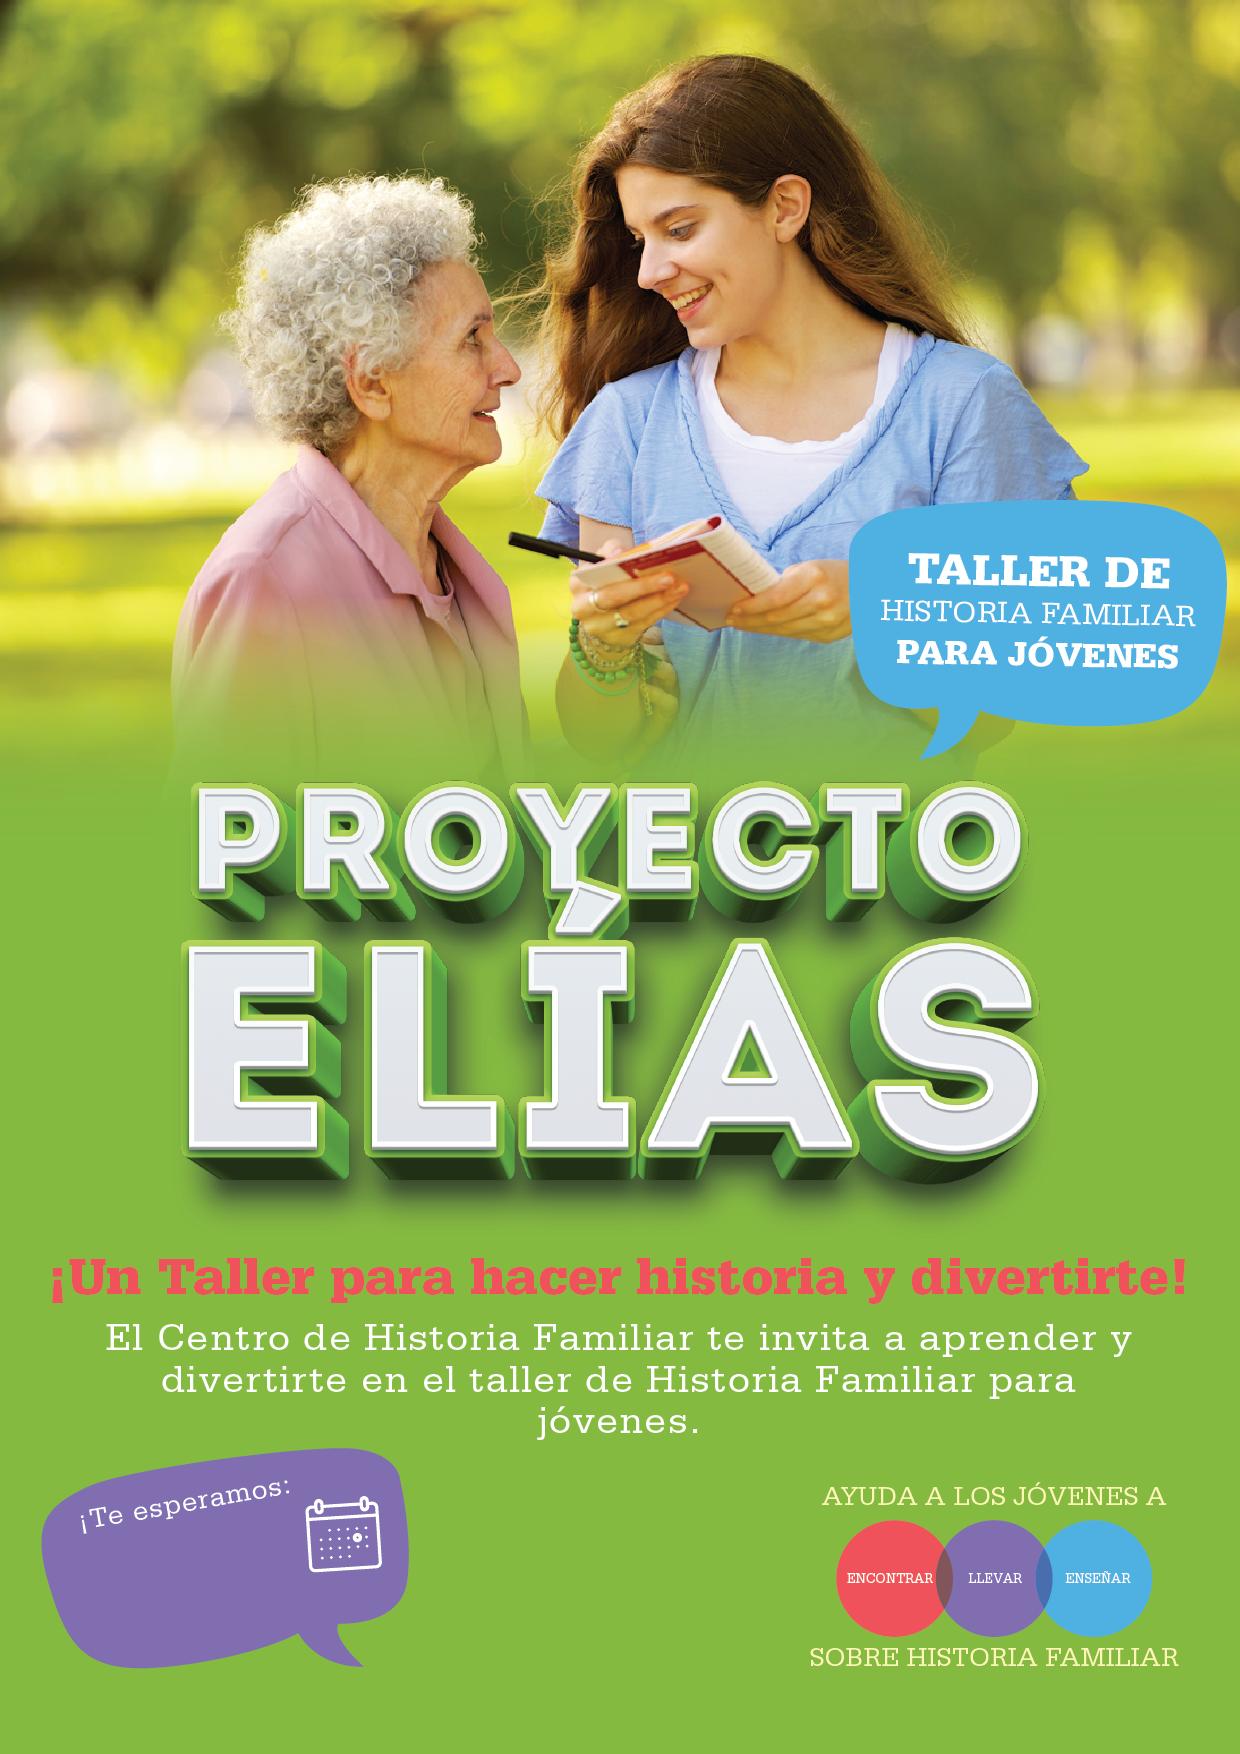 proyecto elias de historia familiar_Conexion SUD-01